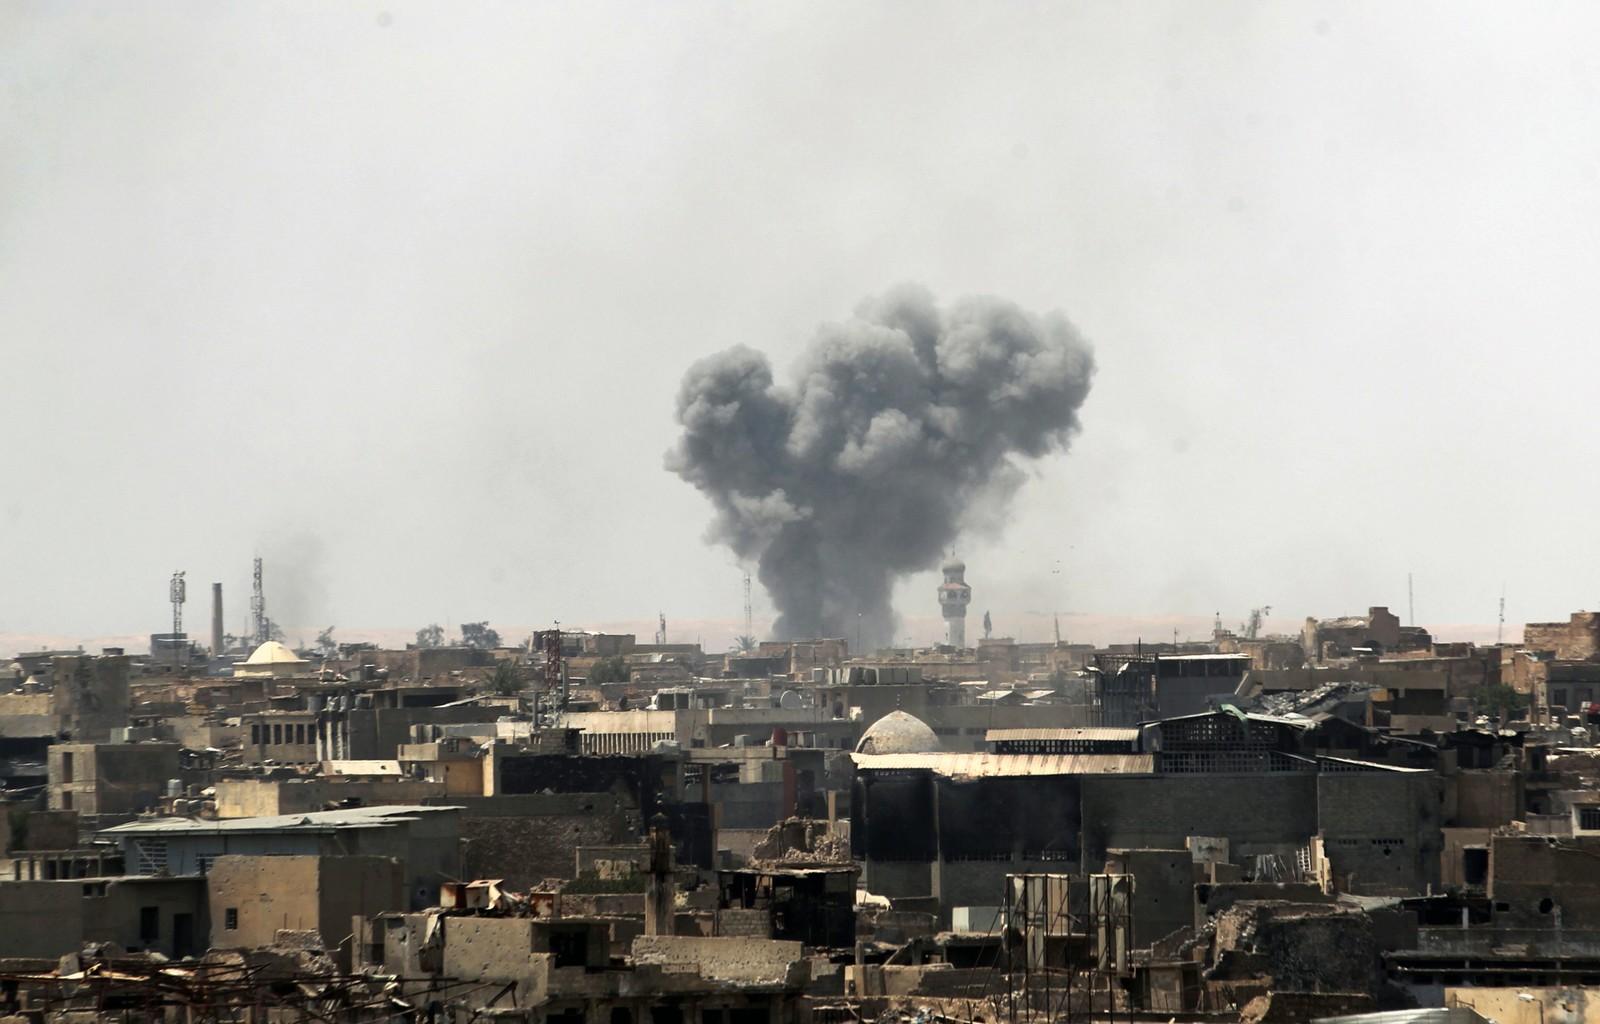 En røyksky over gamlebyen i Mosul søndag. Den amerikanskledede koalisjonen begynte søndag morgen bombingen av gamlebyen, der det fortsatt skal befinne seg om lag 100.000 sivile. Flere kan allerede ha blitt drept.